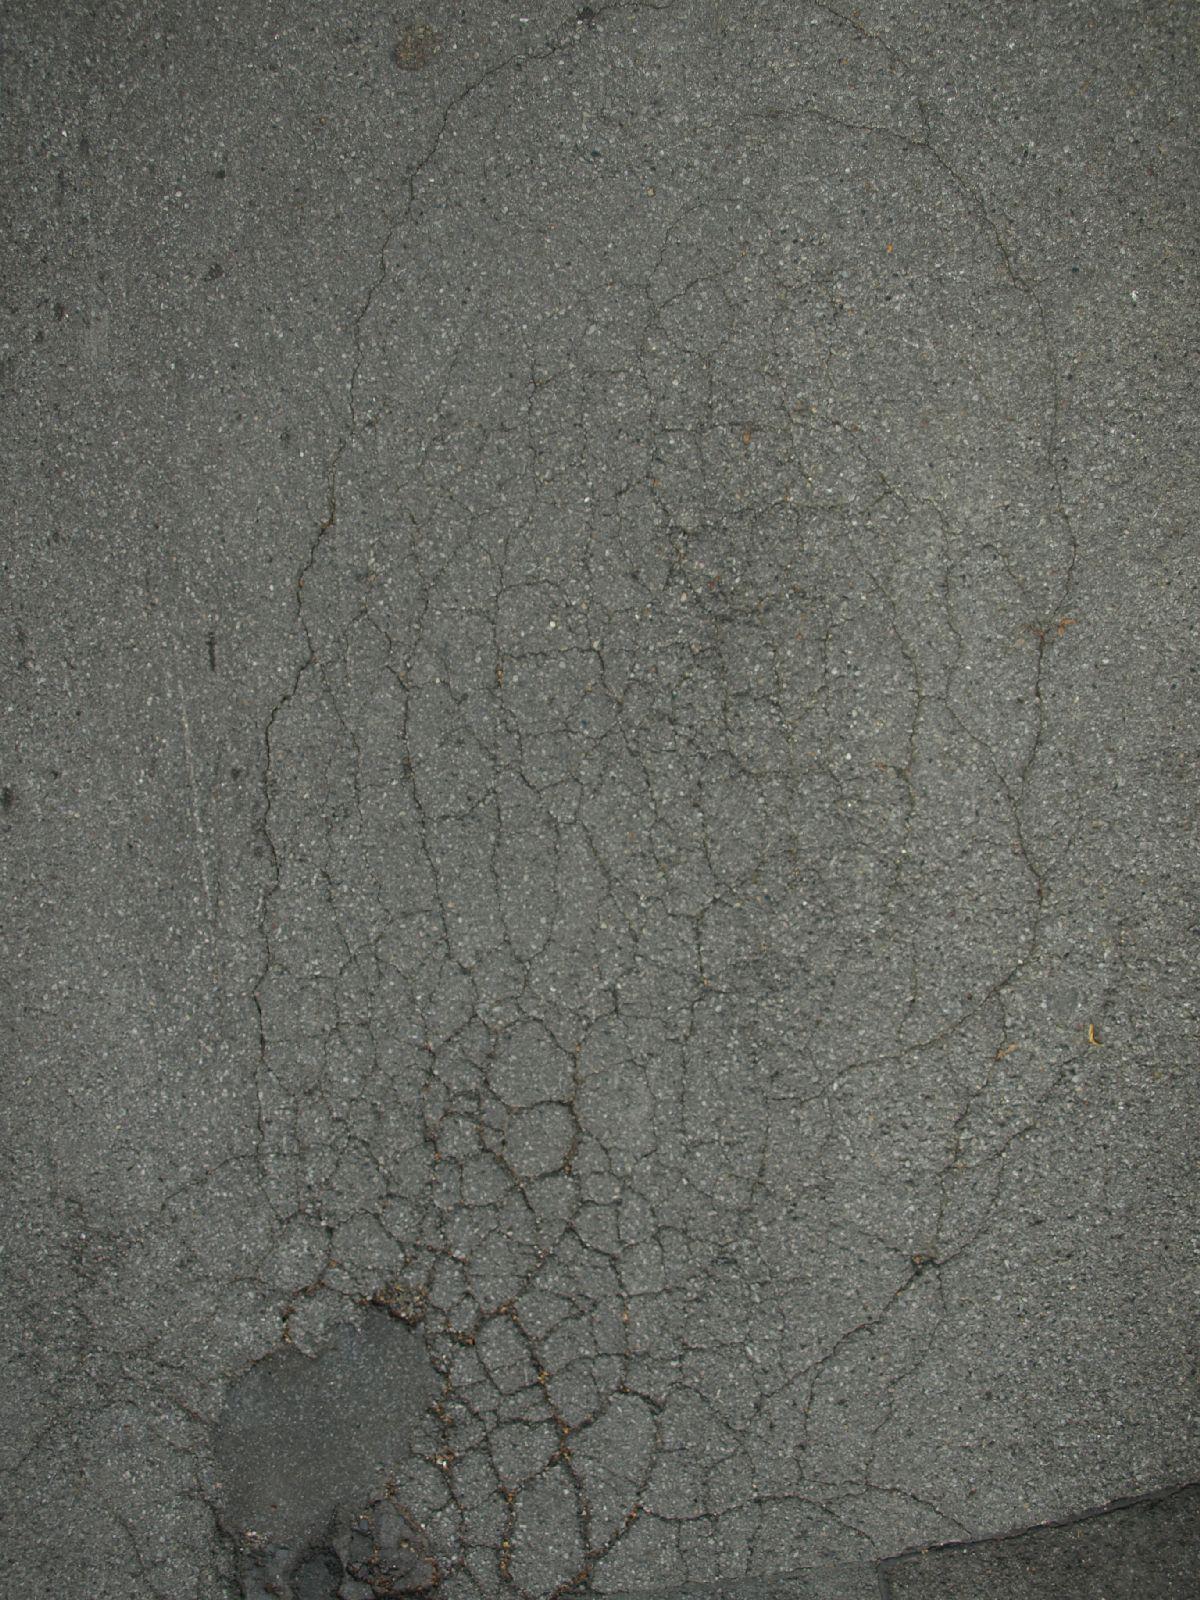 Boden-Gehweg-Strasse-Buergersteig-Textur_A_P8164413